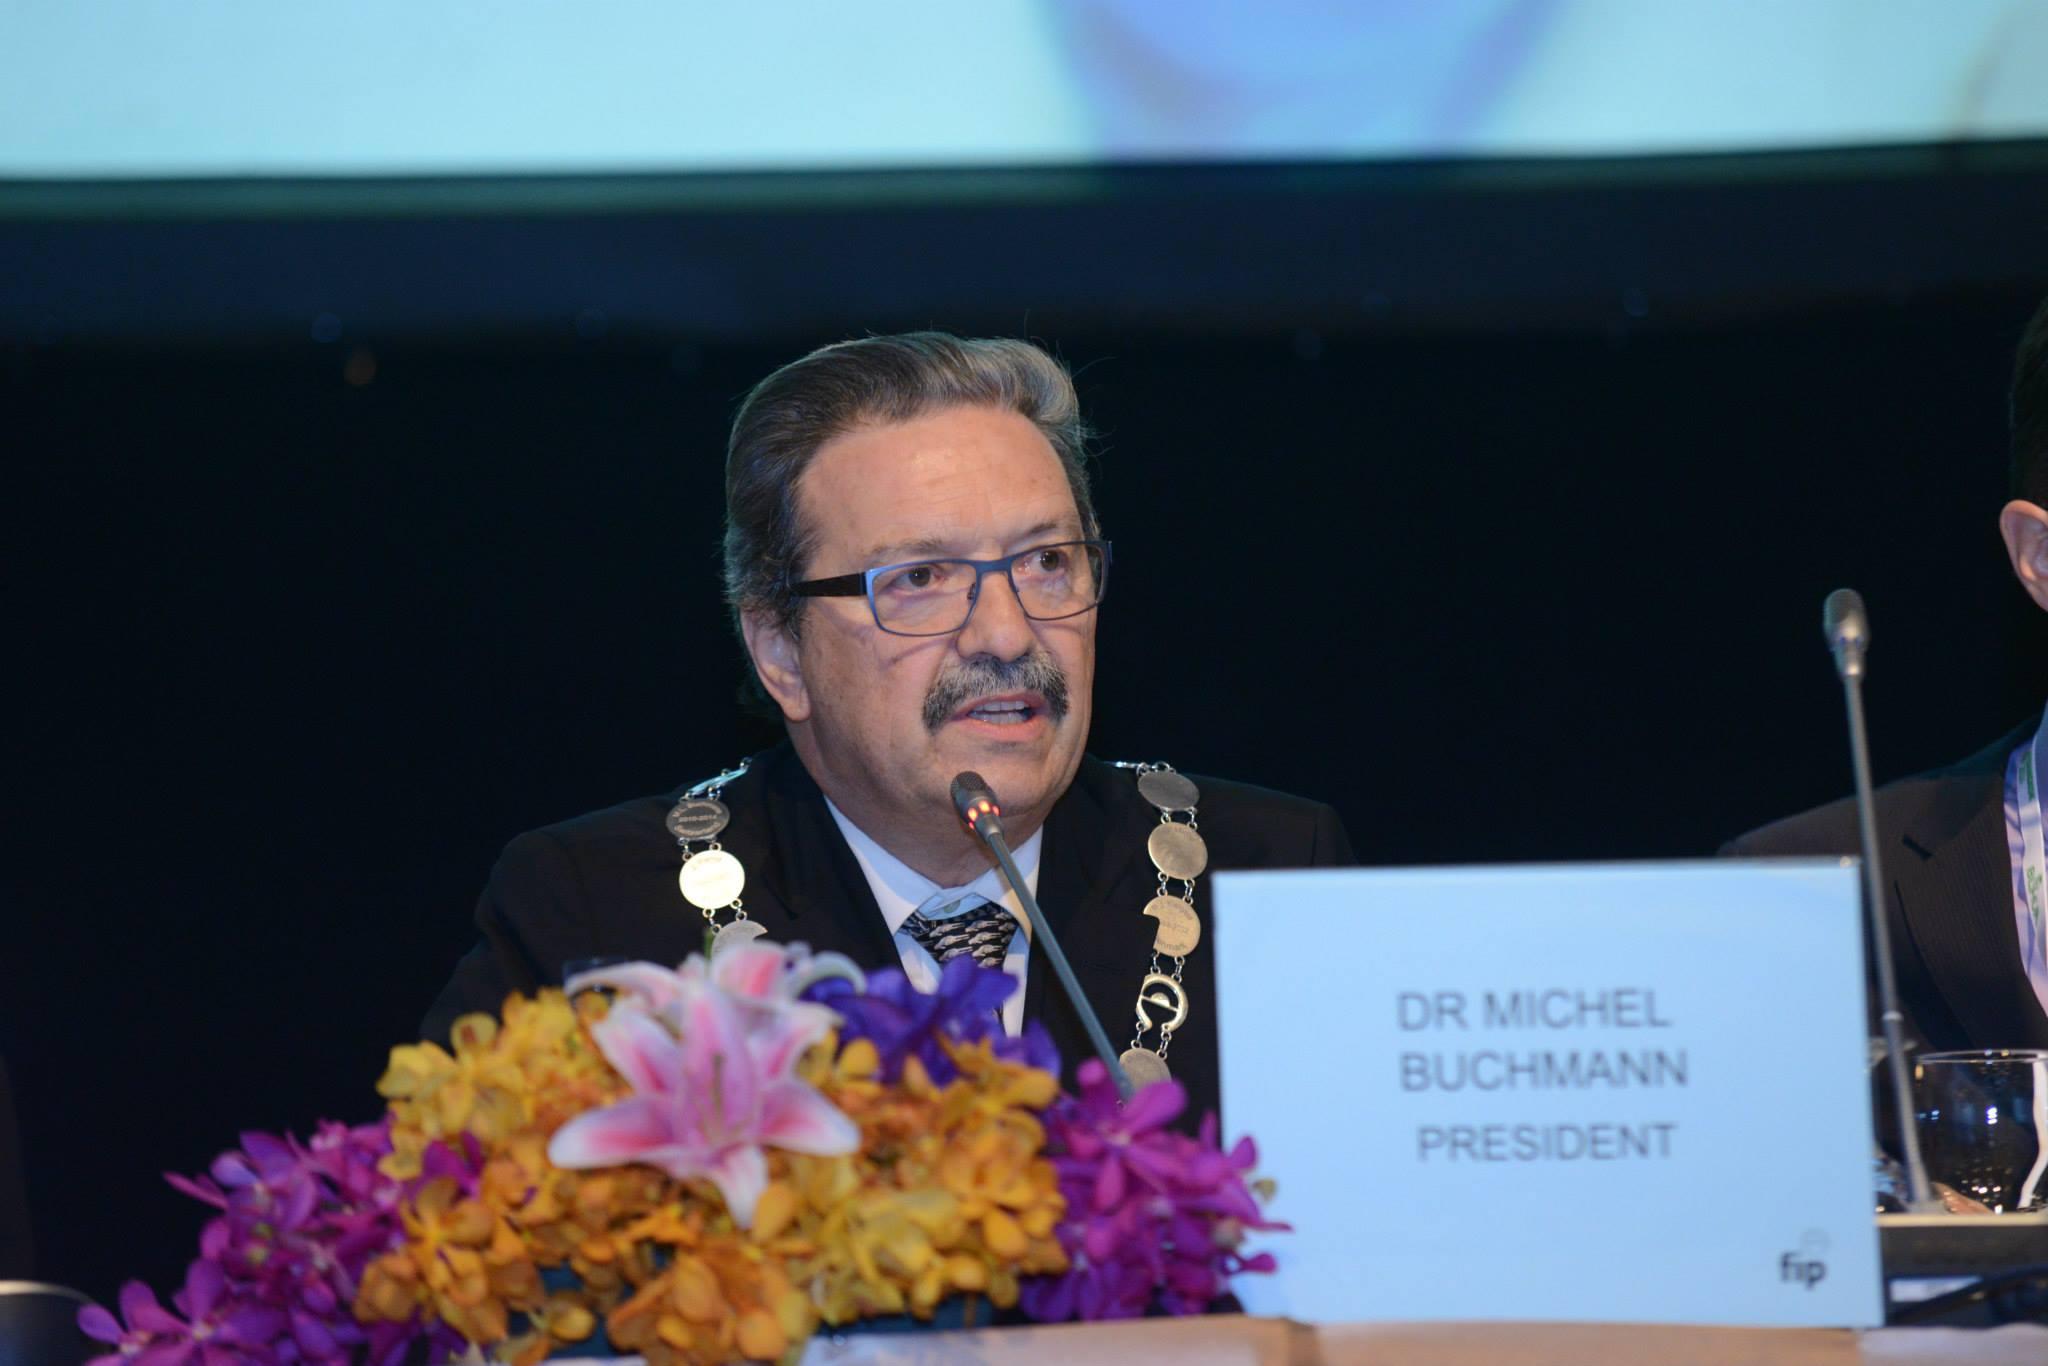 Dr. Micheal Buchmann